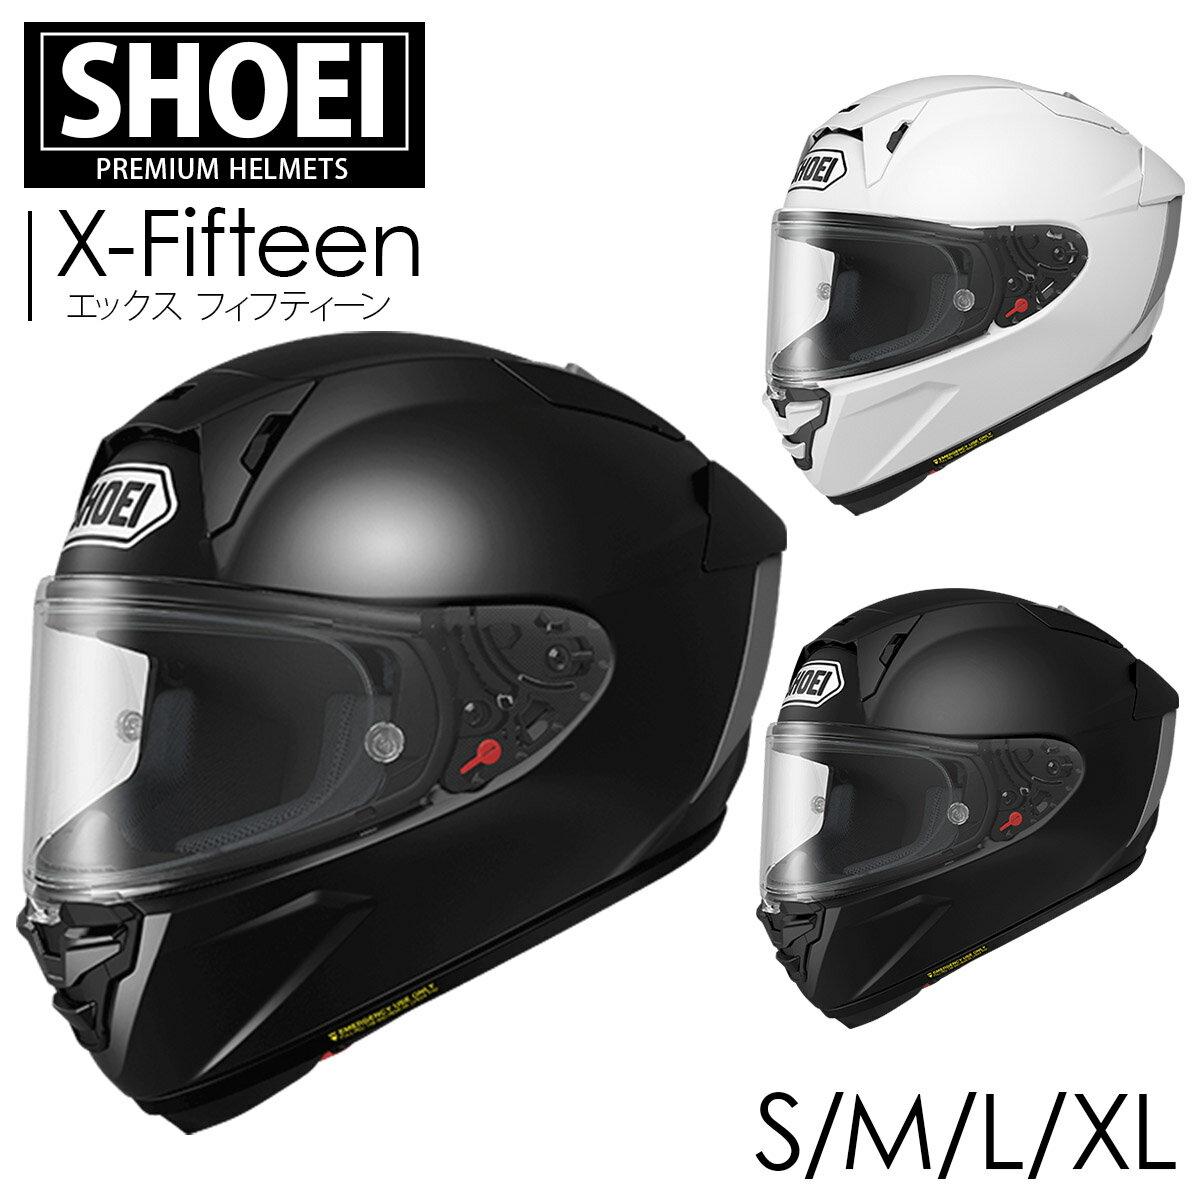 バイク用品, ヘルメット shoei SHOEI FULL-FACE HELMET X-Fourteen 14